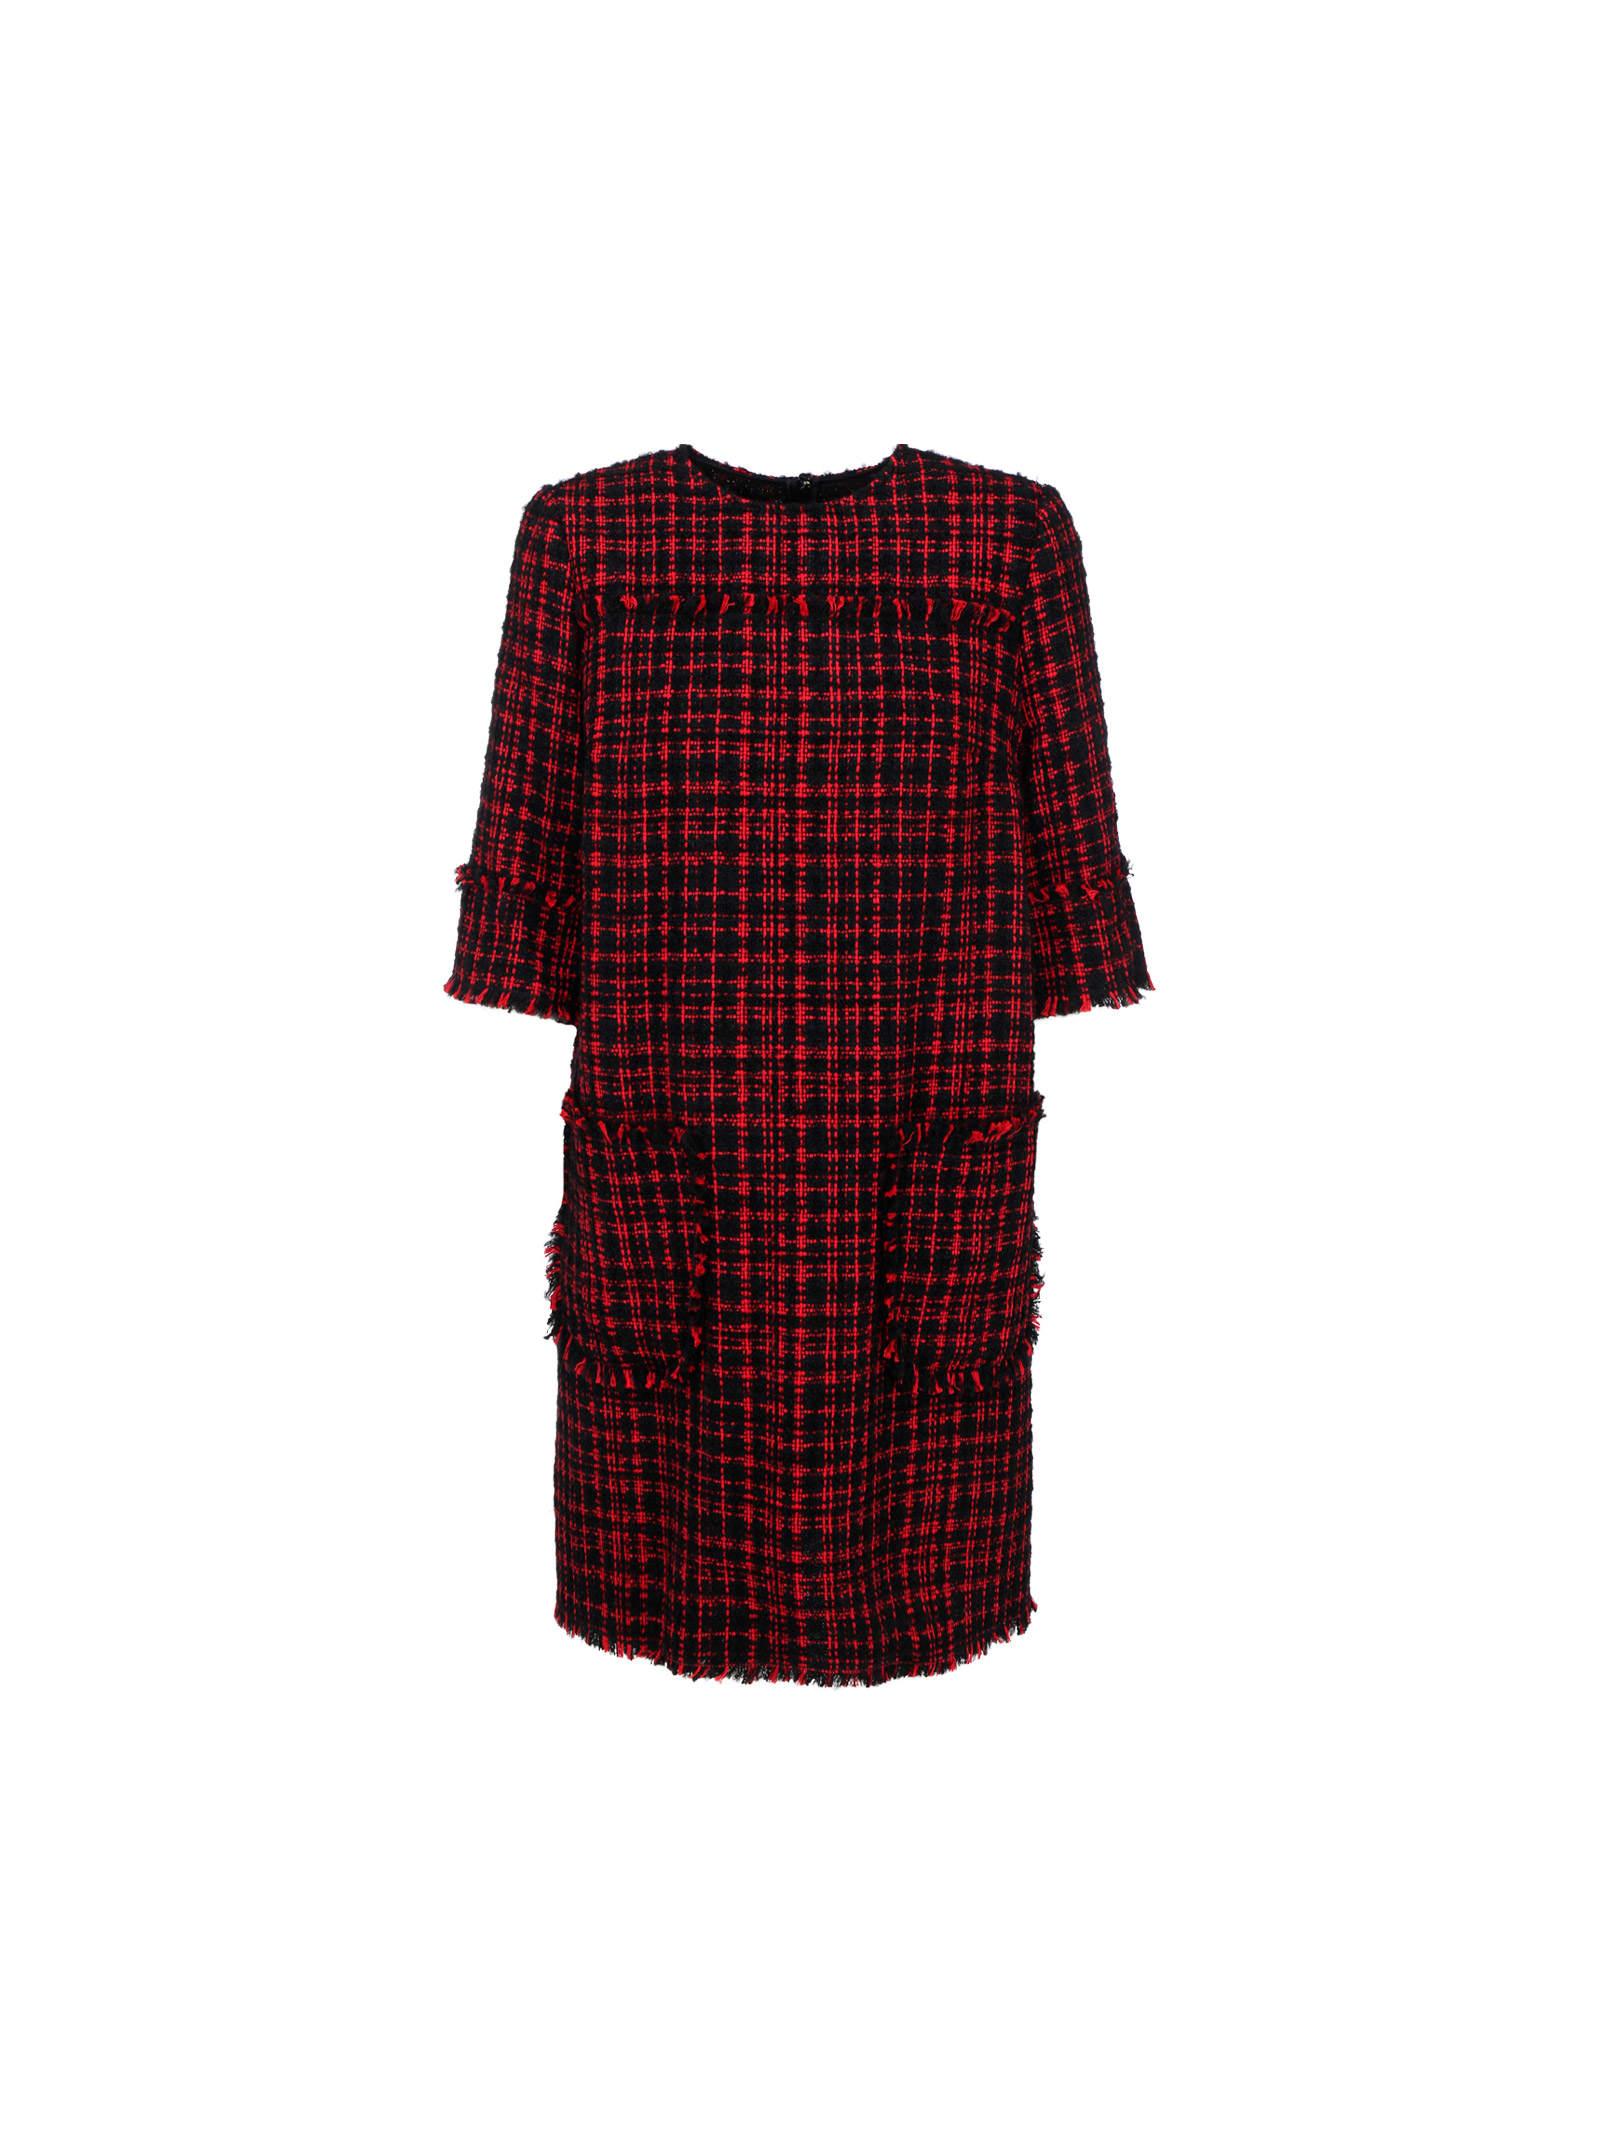 Dolce & Gabbana Cottons DRESS